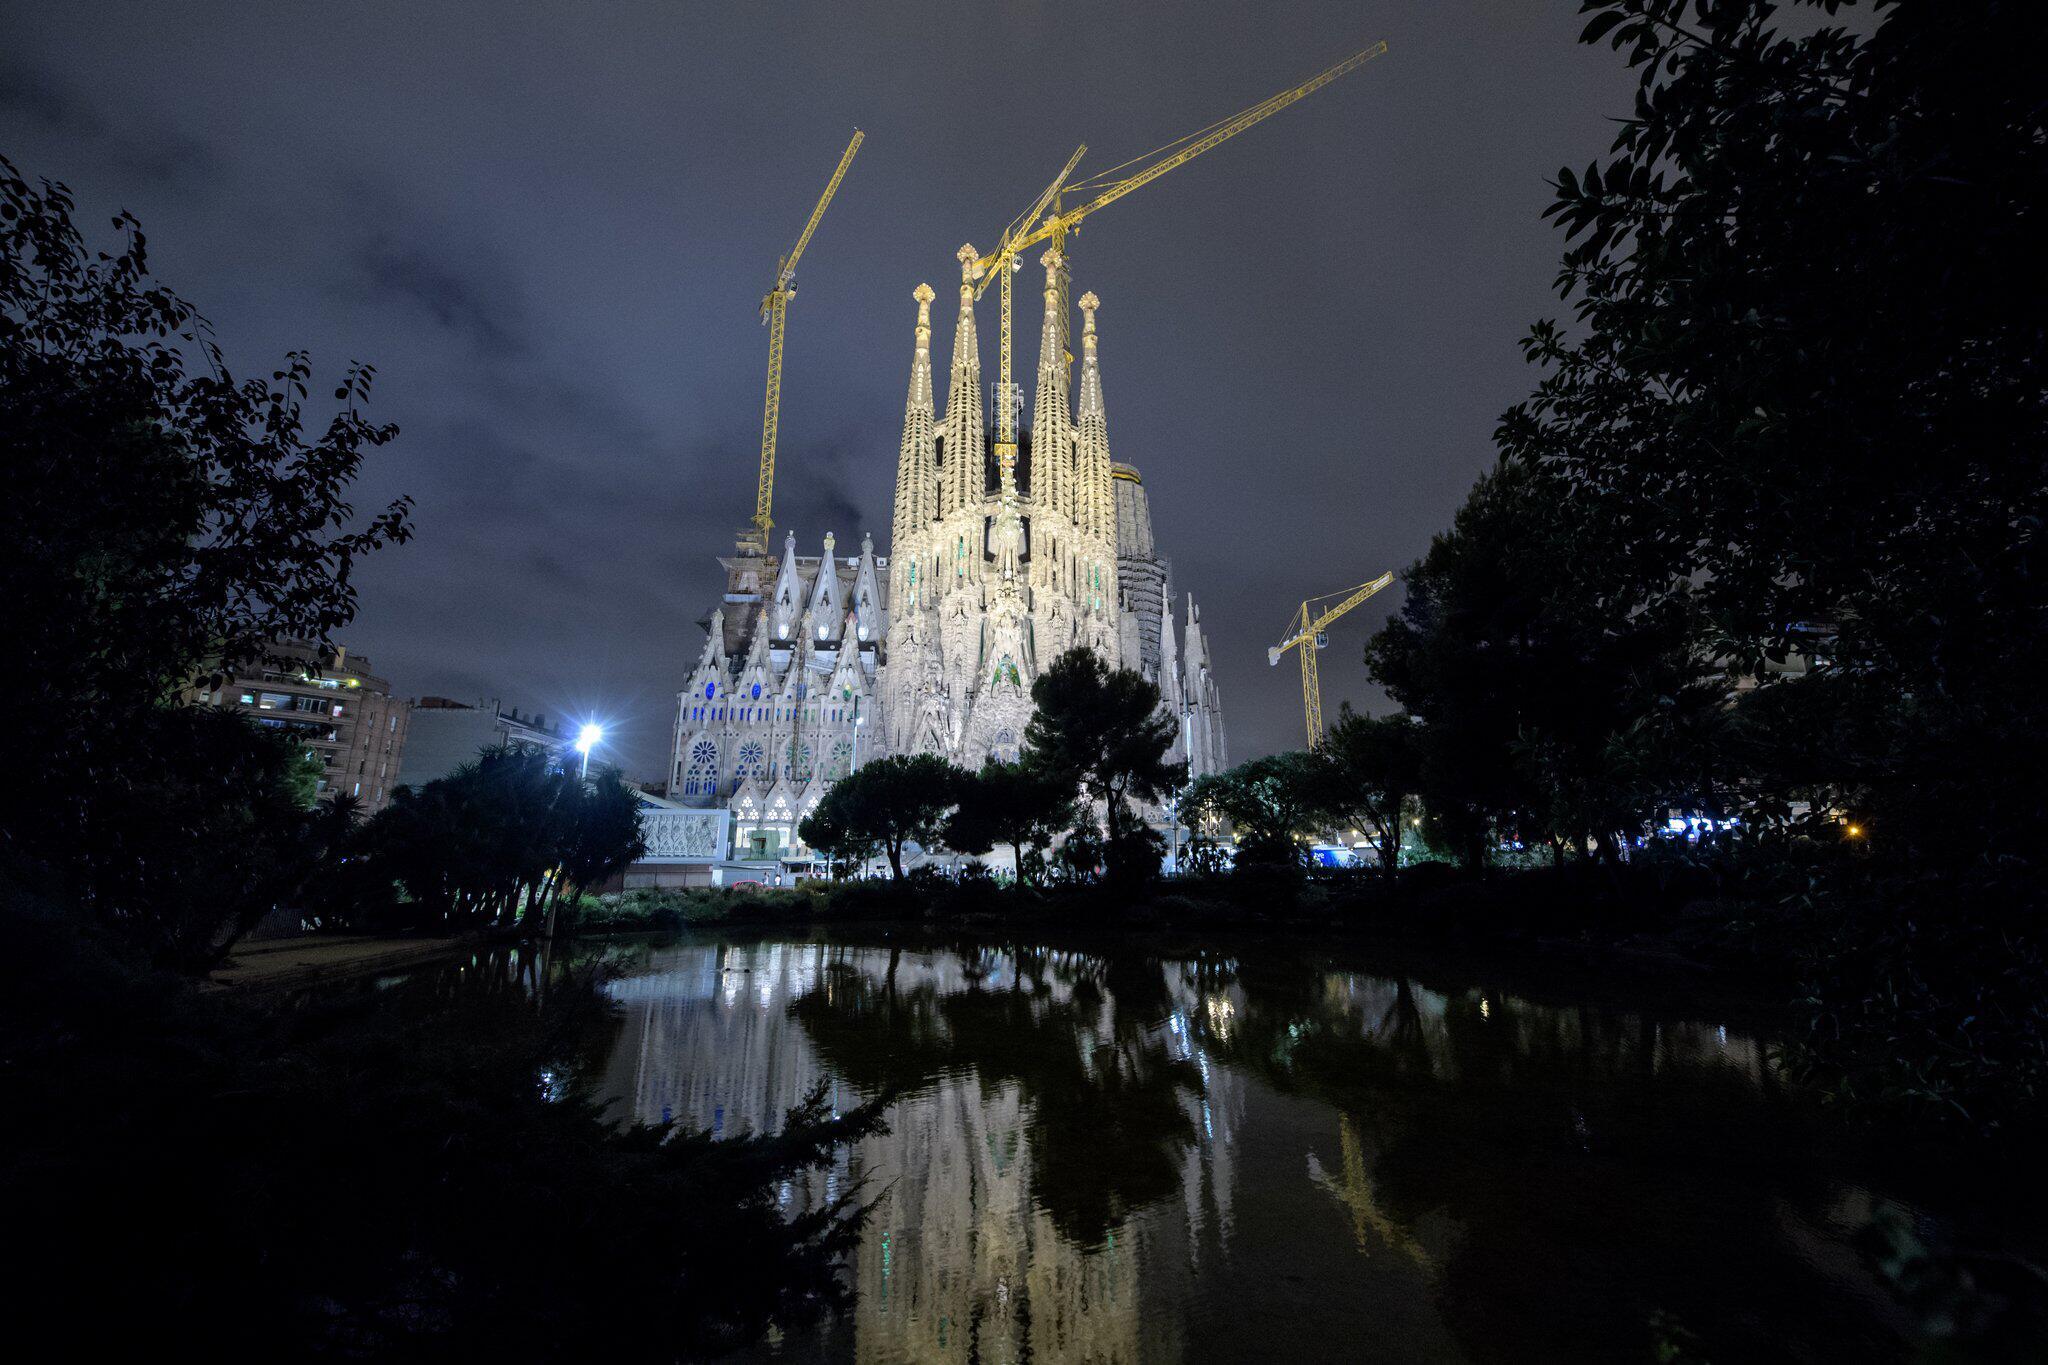 Bild zu Sagrada Familia, Barcelona, Baustelle, Basilika, Spanien, Katalonien, Antonio Gaudi, Bauwerk, Kirche